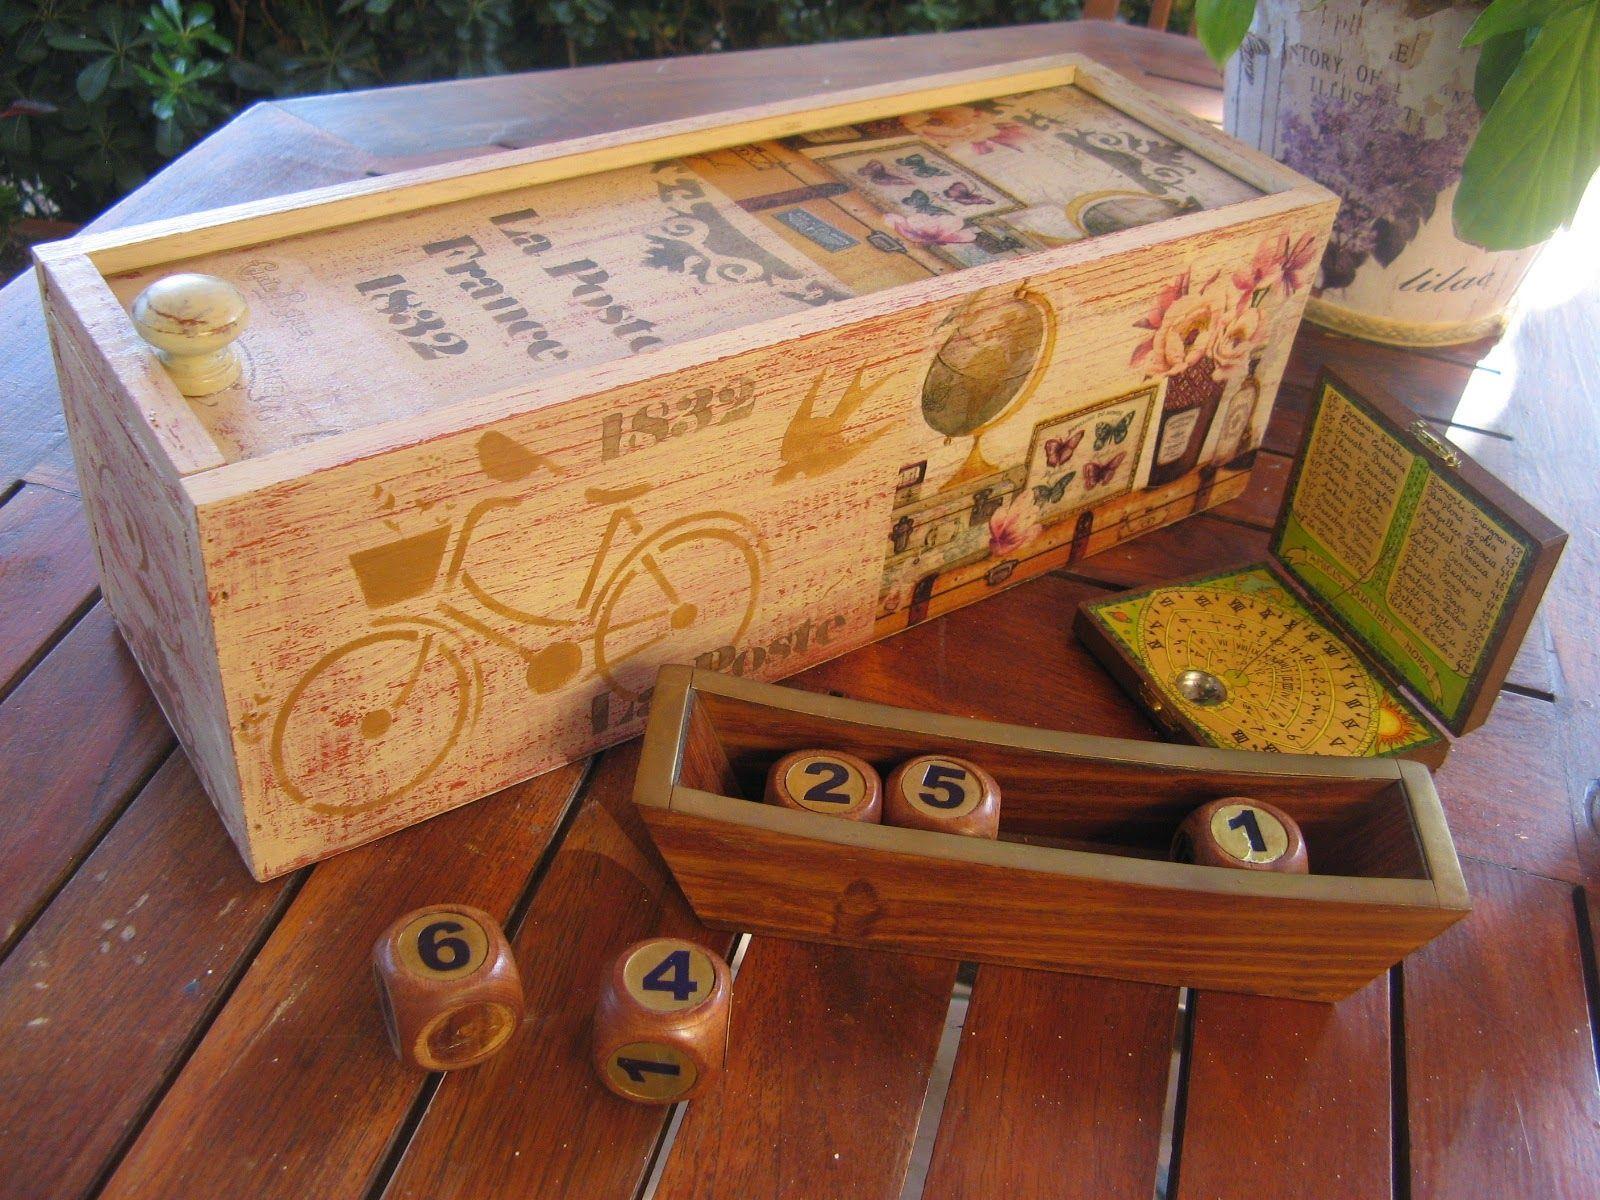 Caja de vino reciclada trabajos manualidades y bricolaje pinterest cajas de vino cajas y - Manualidades y bricolaje ...